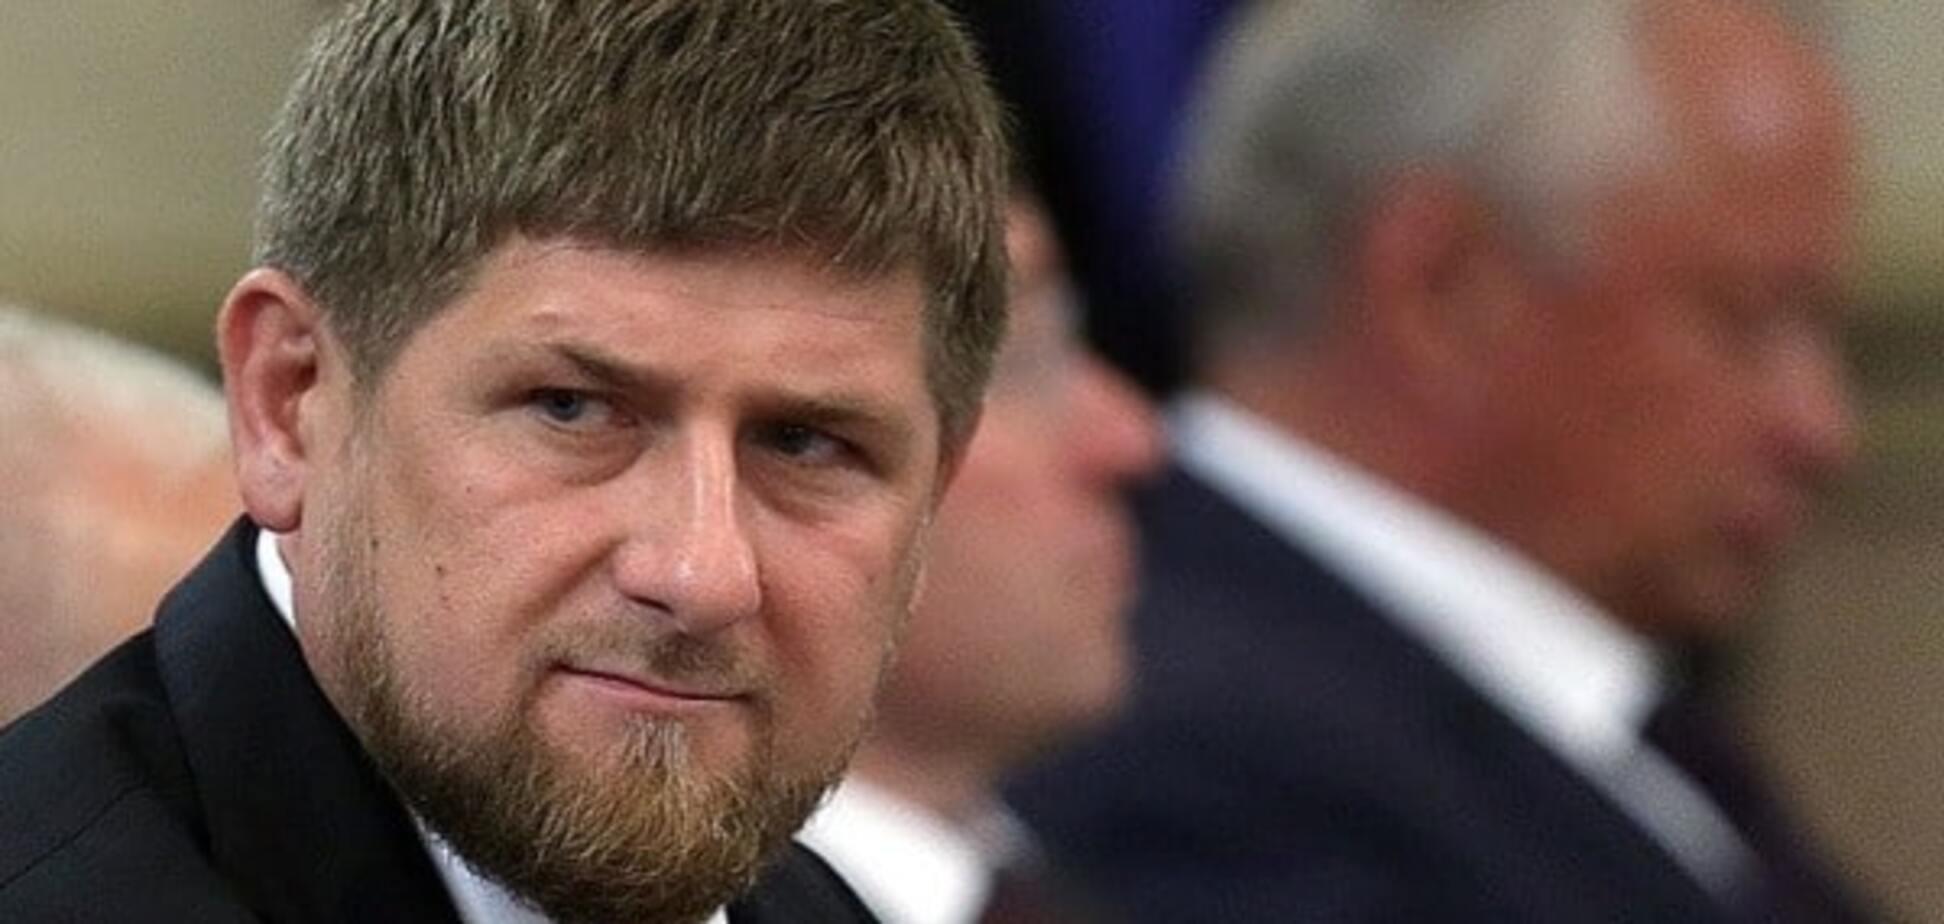 На Кадырова подали жалобу в ФСБ за выходку с 'оптическим прицелом'